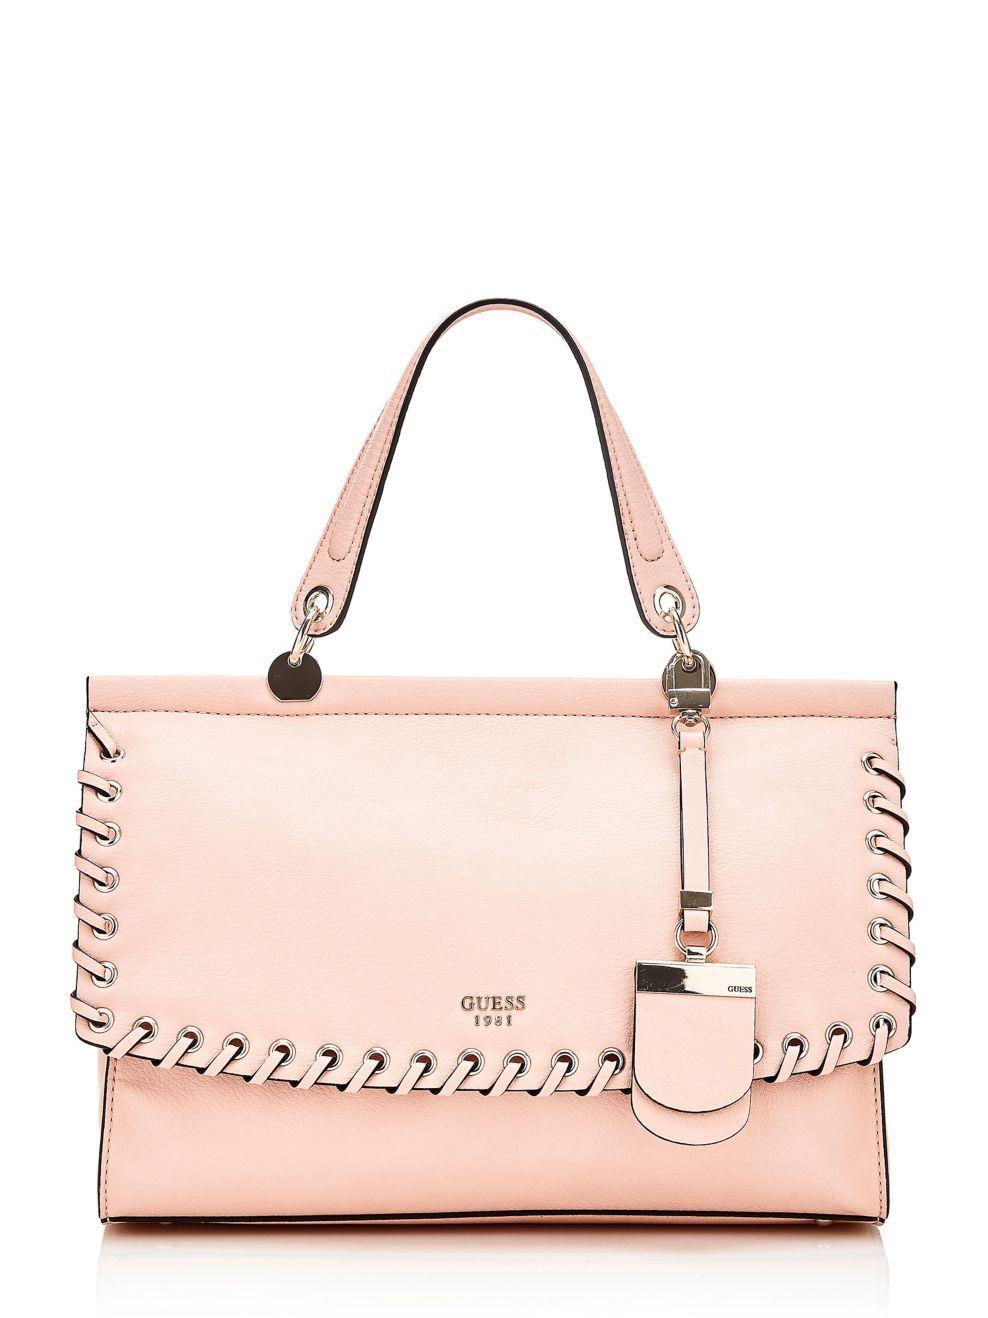 Sac a main andie lacets   Handbags   Pinterest   Sac à Main, Sac and ... fb1b1f6b783a